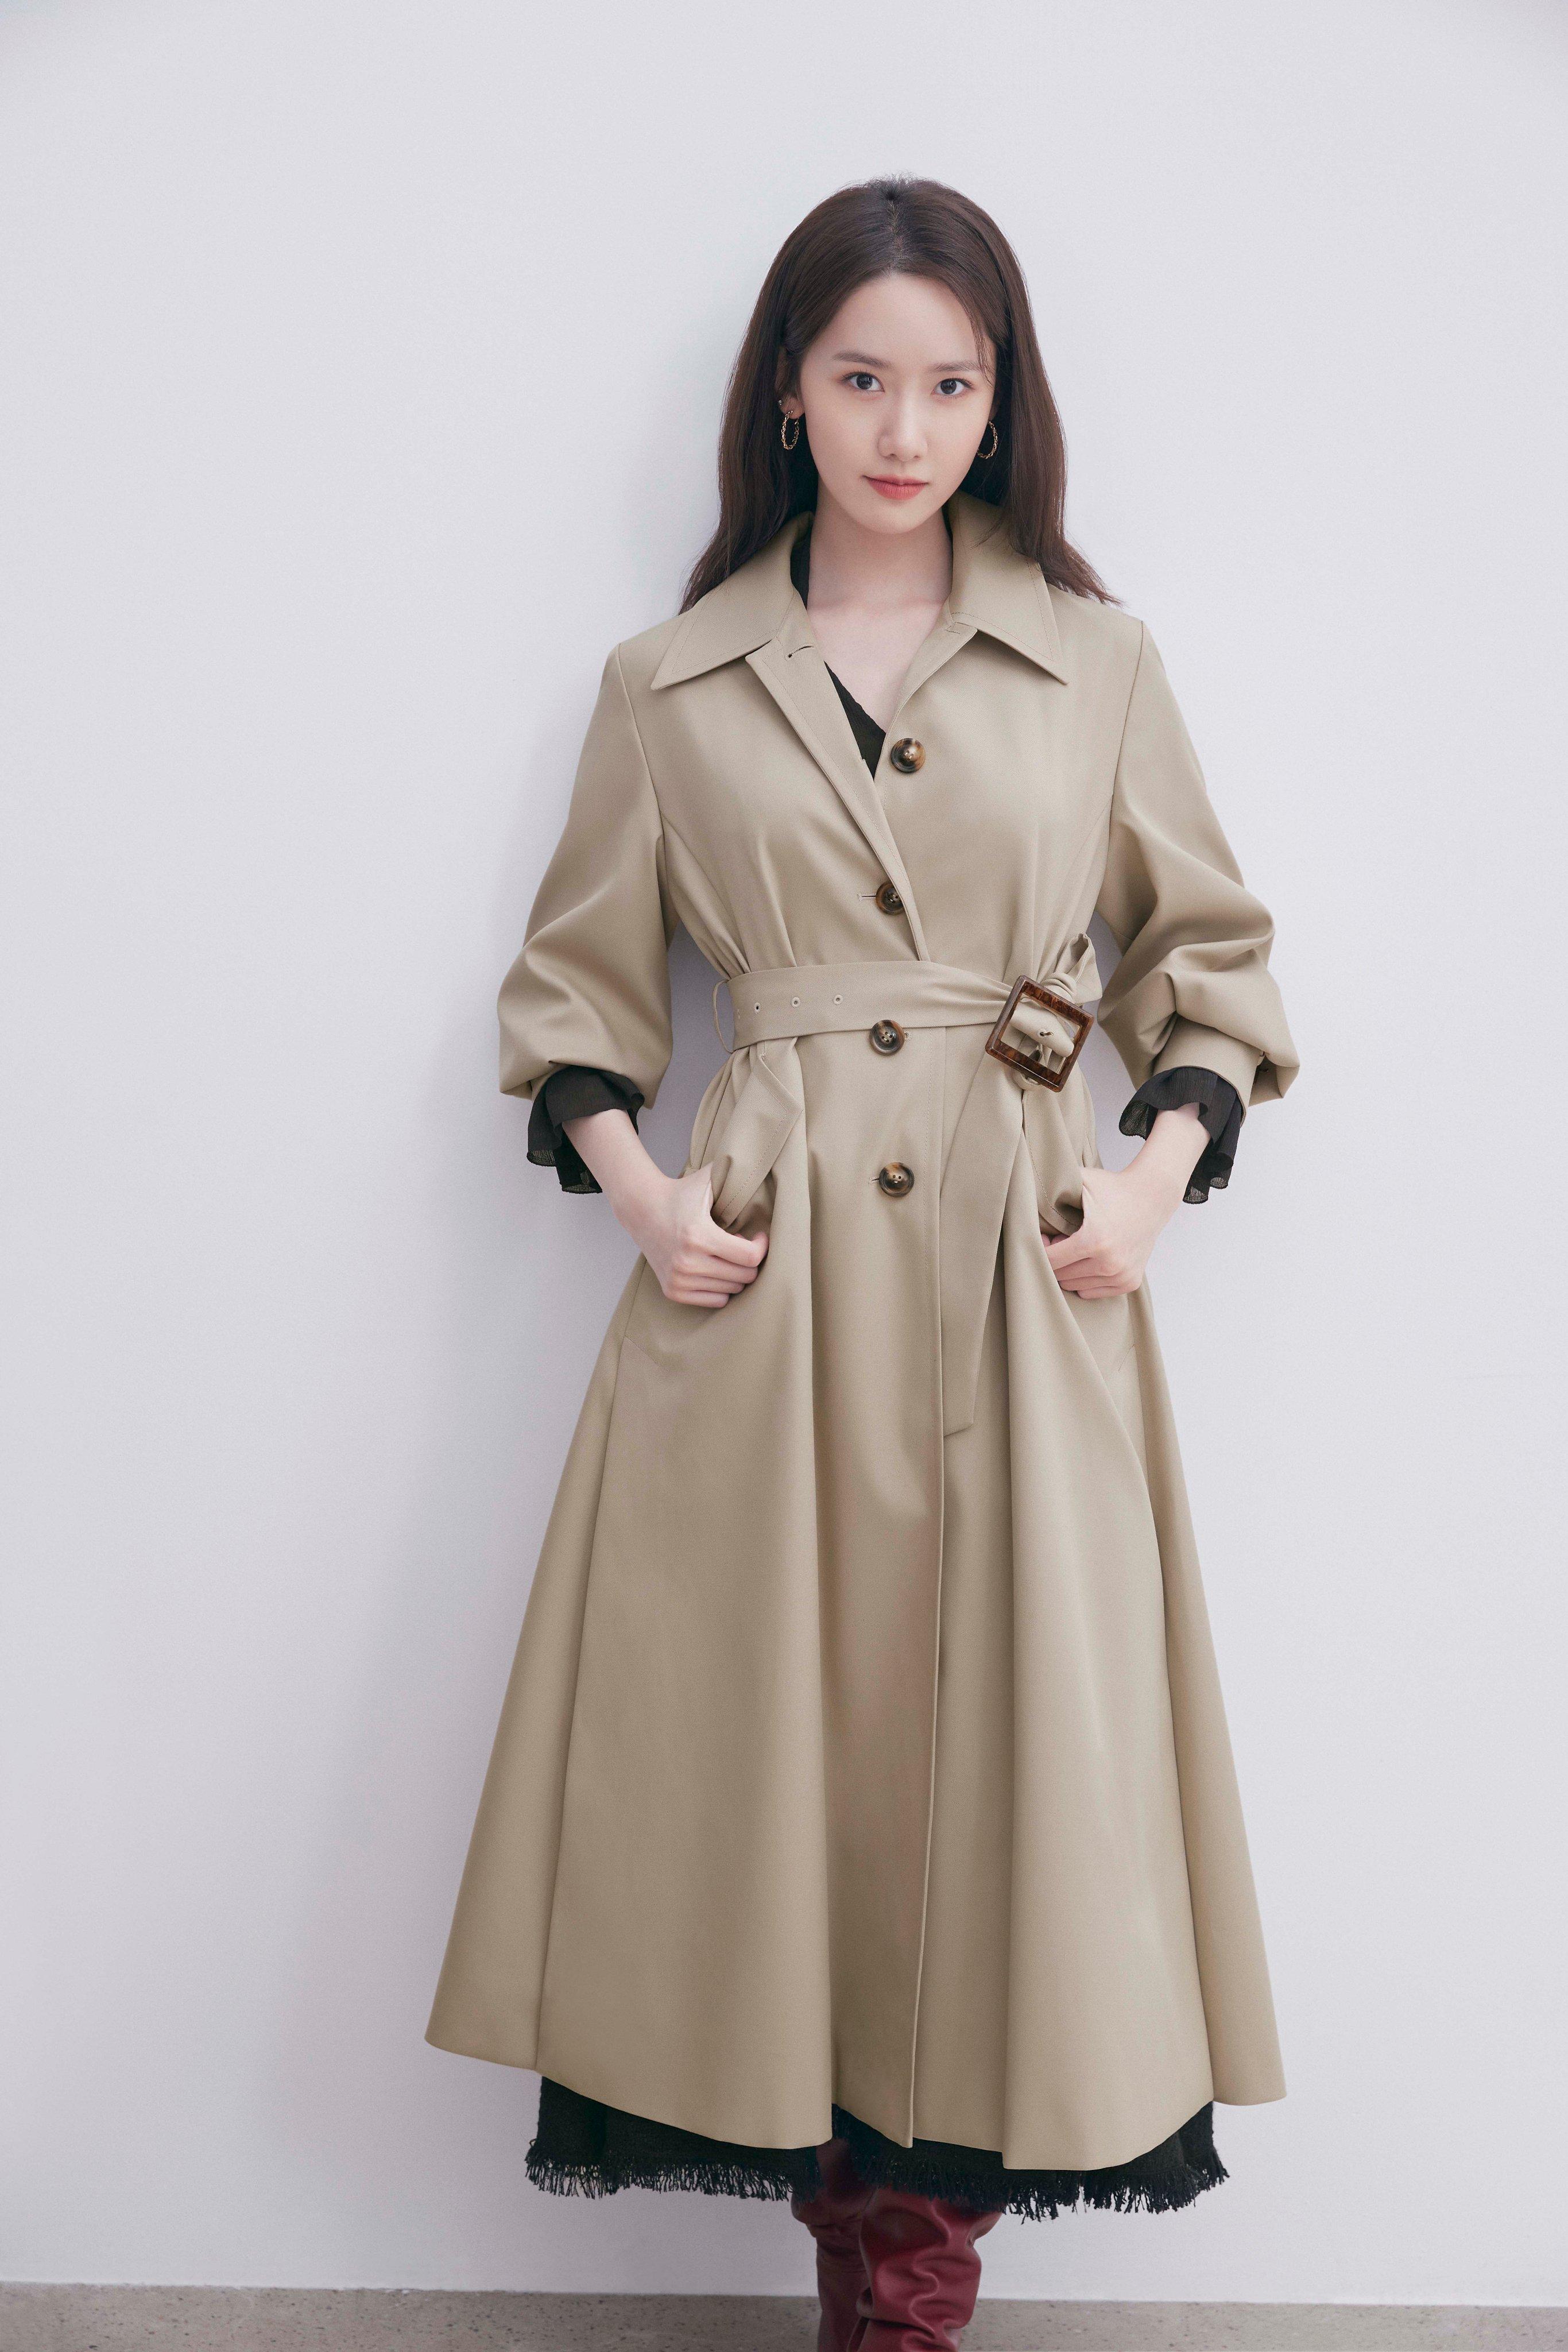 Sang tuổi 30, Yoona tạm biệt style ngọt ngào. trong sáng quay ngoắt sang hình ảnh sang chảnh, quý phái như tiểu thư nhà tài phiệt - Ảnh 4.